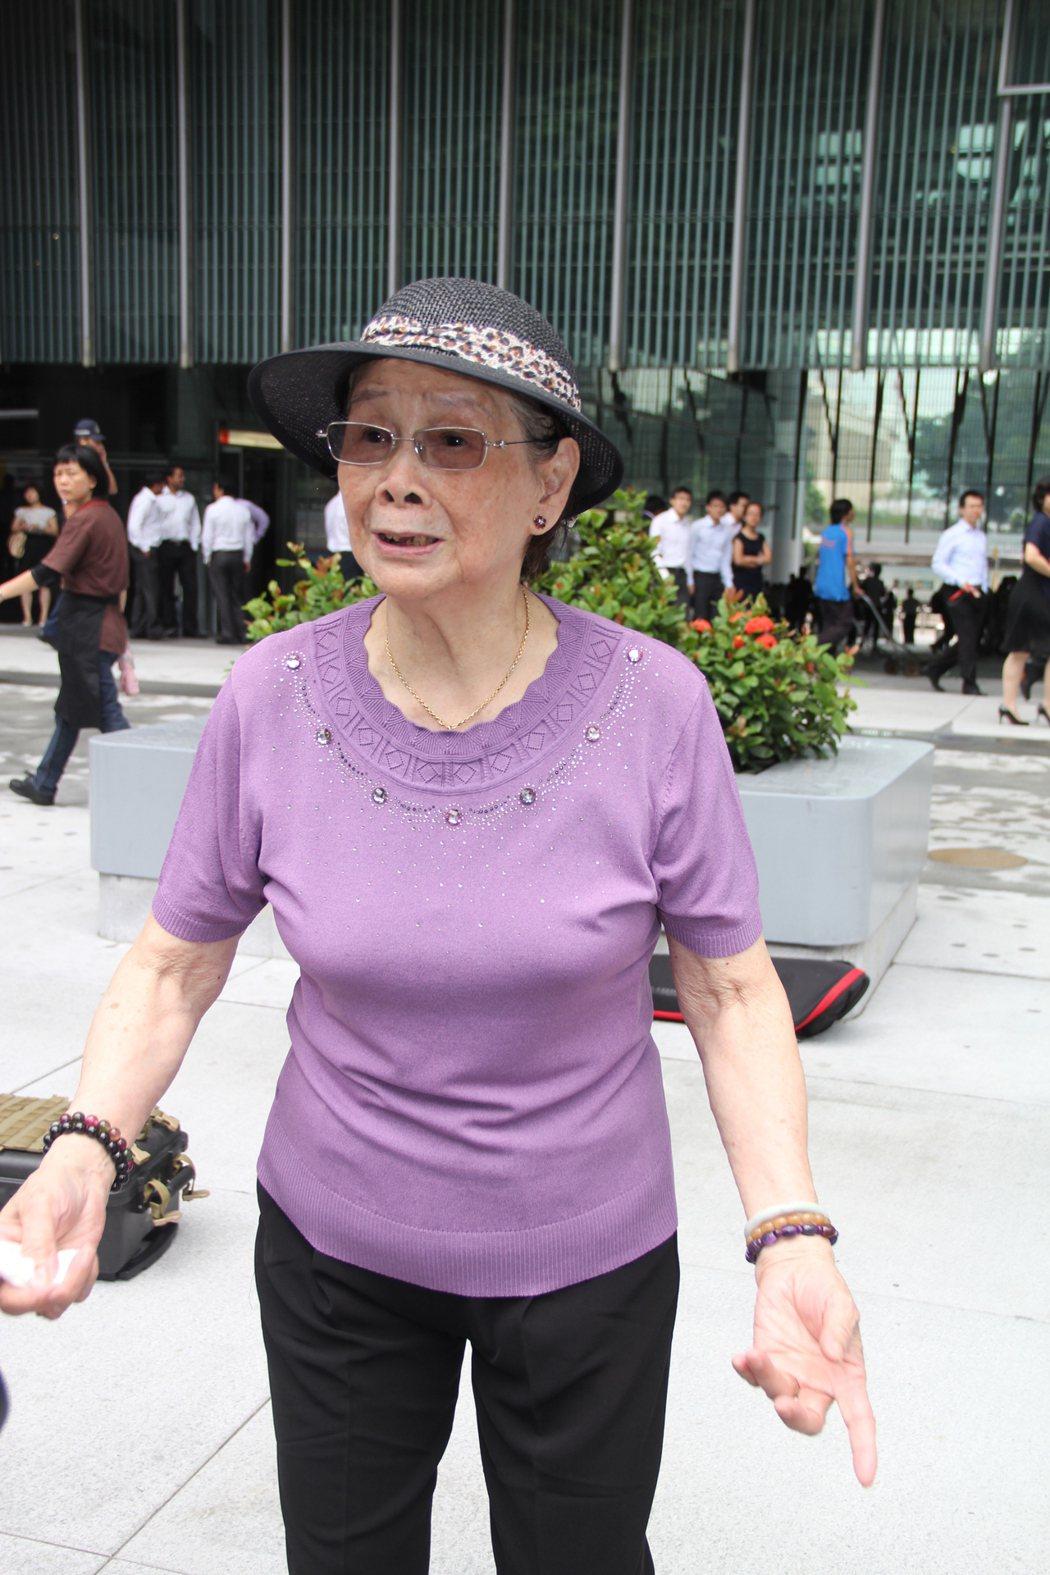 梅艷芳的母親曾經為了遺產分配打官司。圖/達志影像